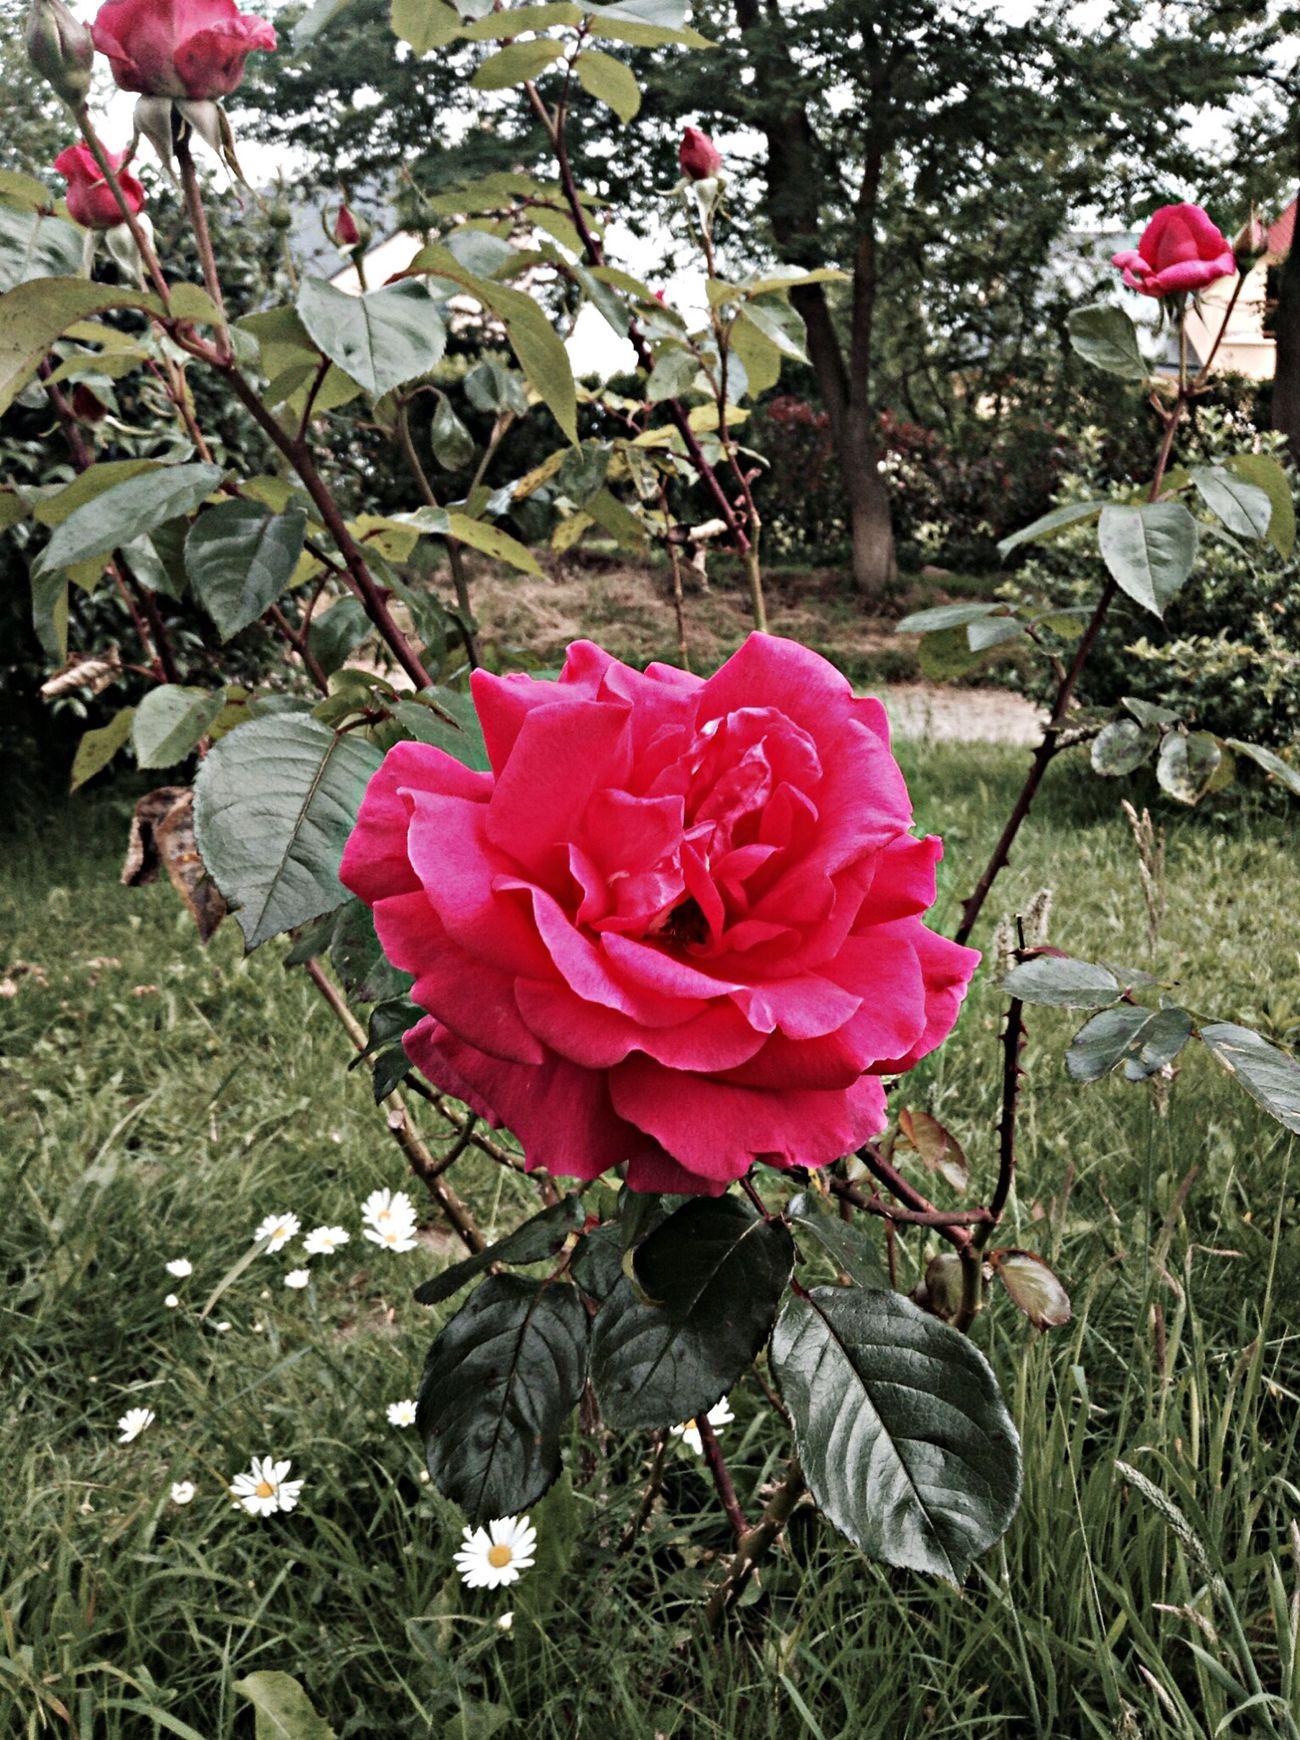 Le bonheur est fait de petites choses, le malheur de la négligence des petits bonheurs. Nature_collection Let's Take A Flower Favourit Rose Good Evening ❤️